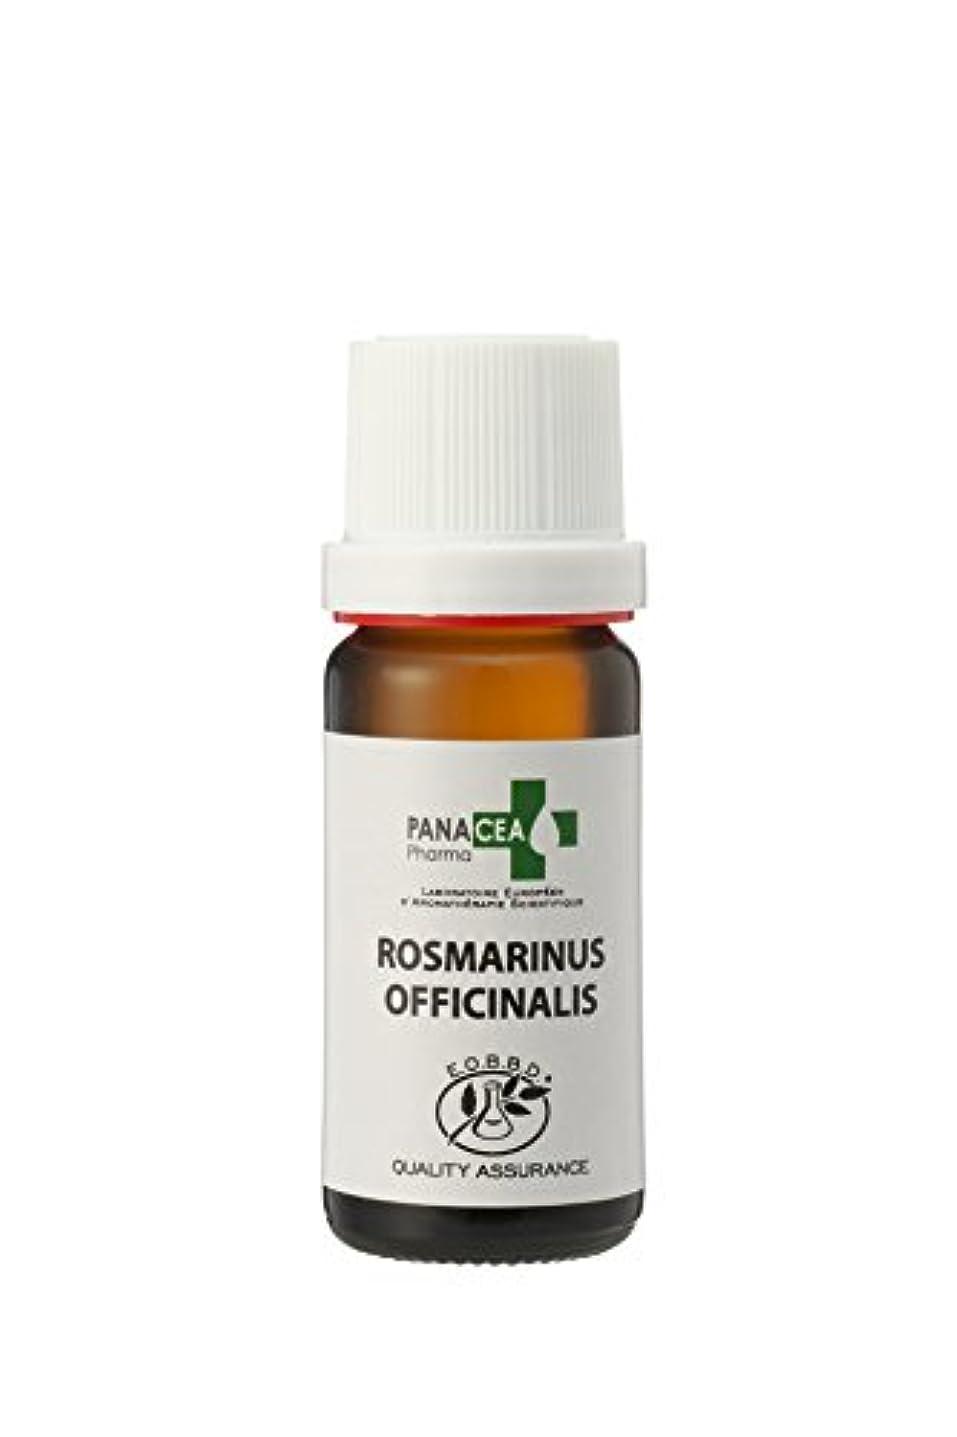 ジャグリング武器アルカイックローズマリー シネオール (Rosmarinus officinalis) 10ml エッセンシャルオイル PANACEA PHARMA パナセア ファルマ